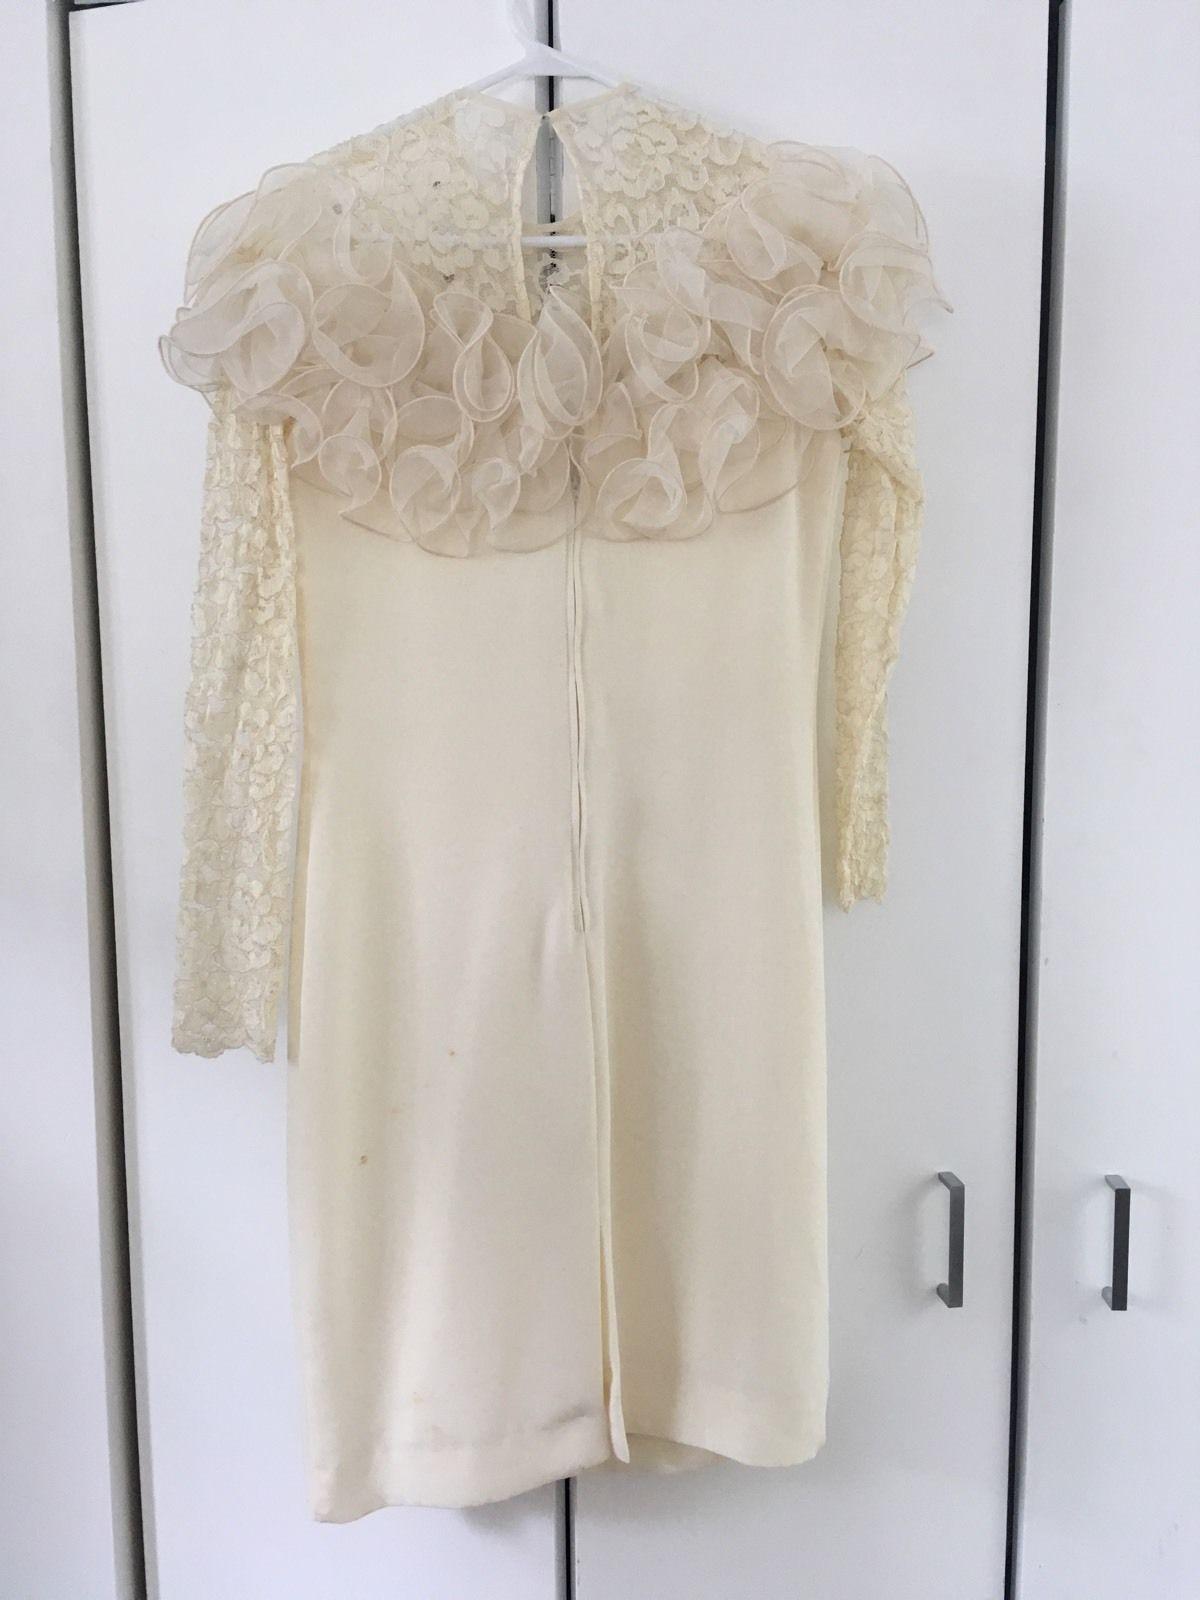 Vintage ivory short wedding dress evening cocktail dress s costume